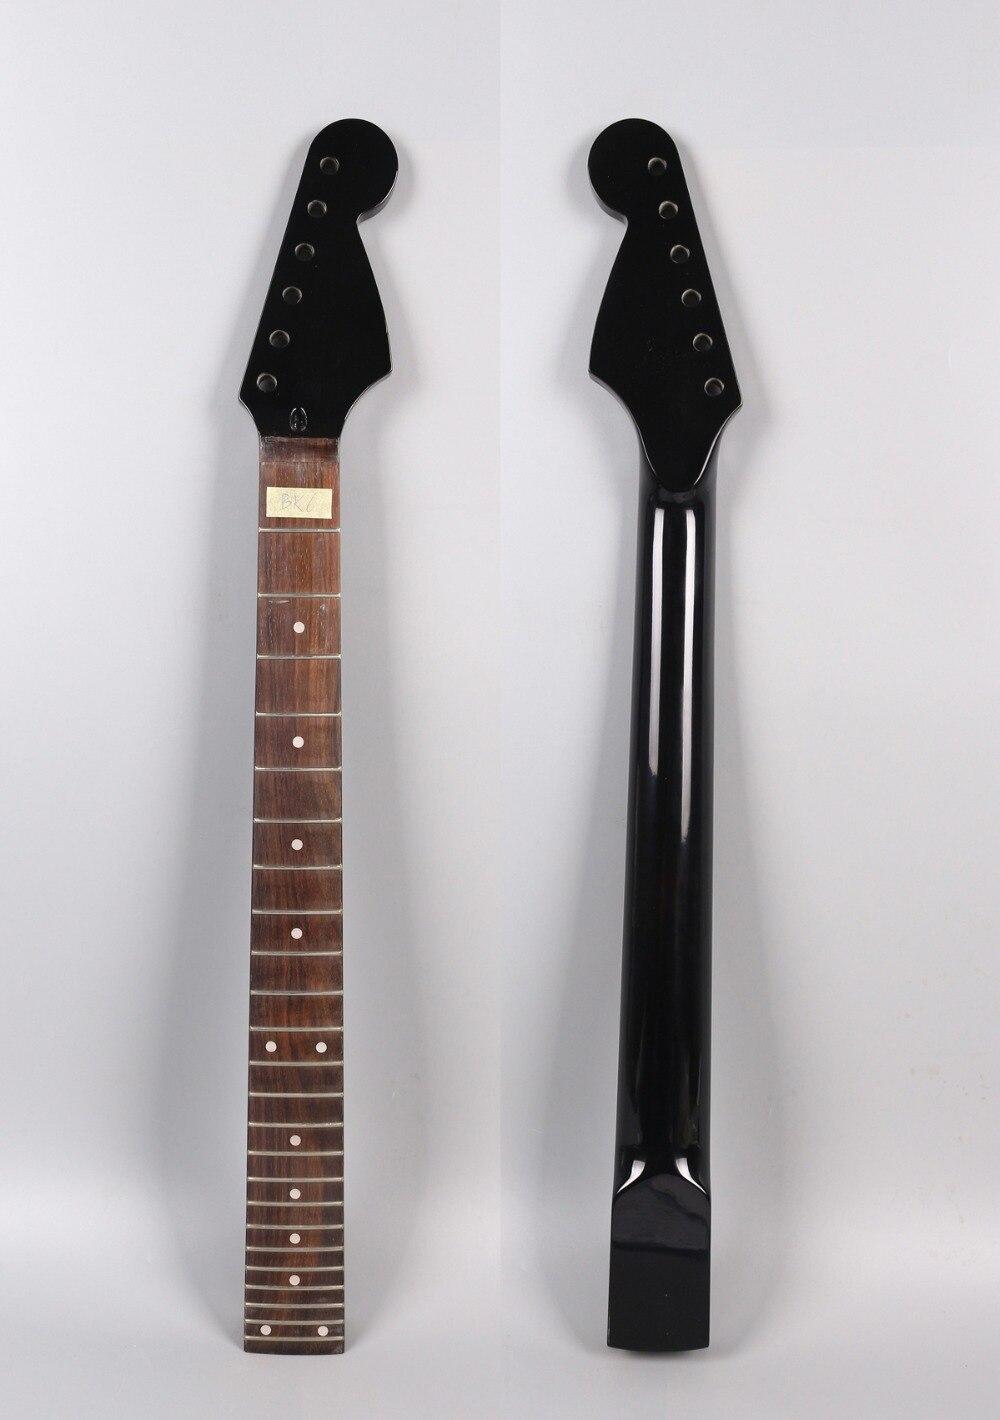 Yinfente guitare électrique cou 24 Fret 25.5 pouces palissandre écrou de verrouillage ST guitare électrique remplacement # bk6